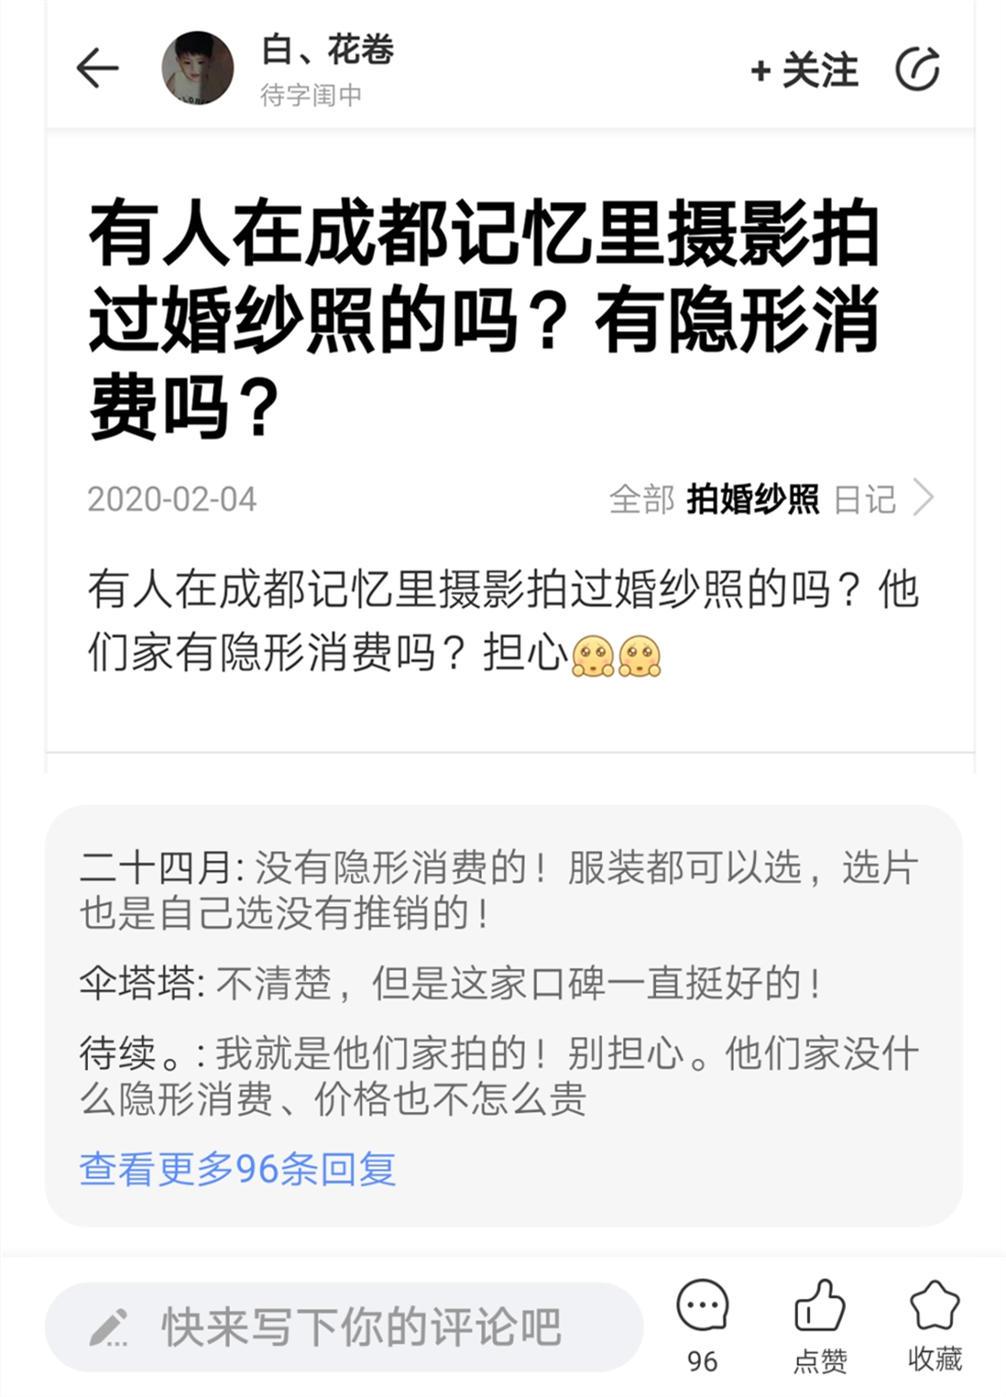 记忆里下载app送36元彩金评价